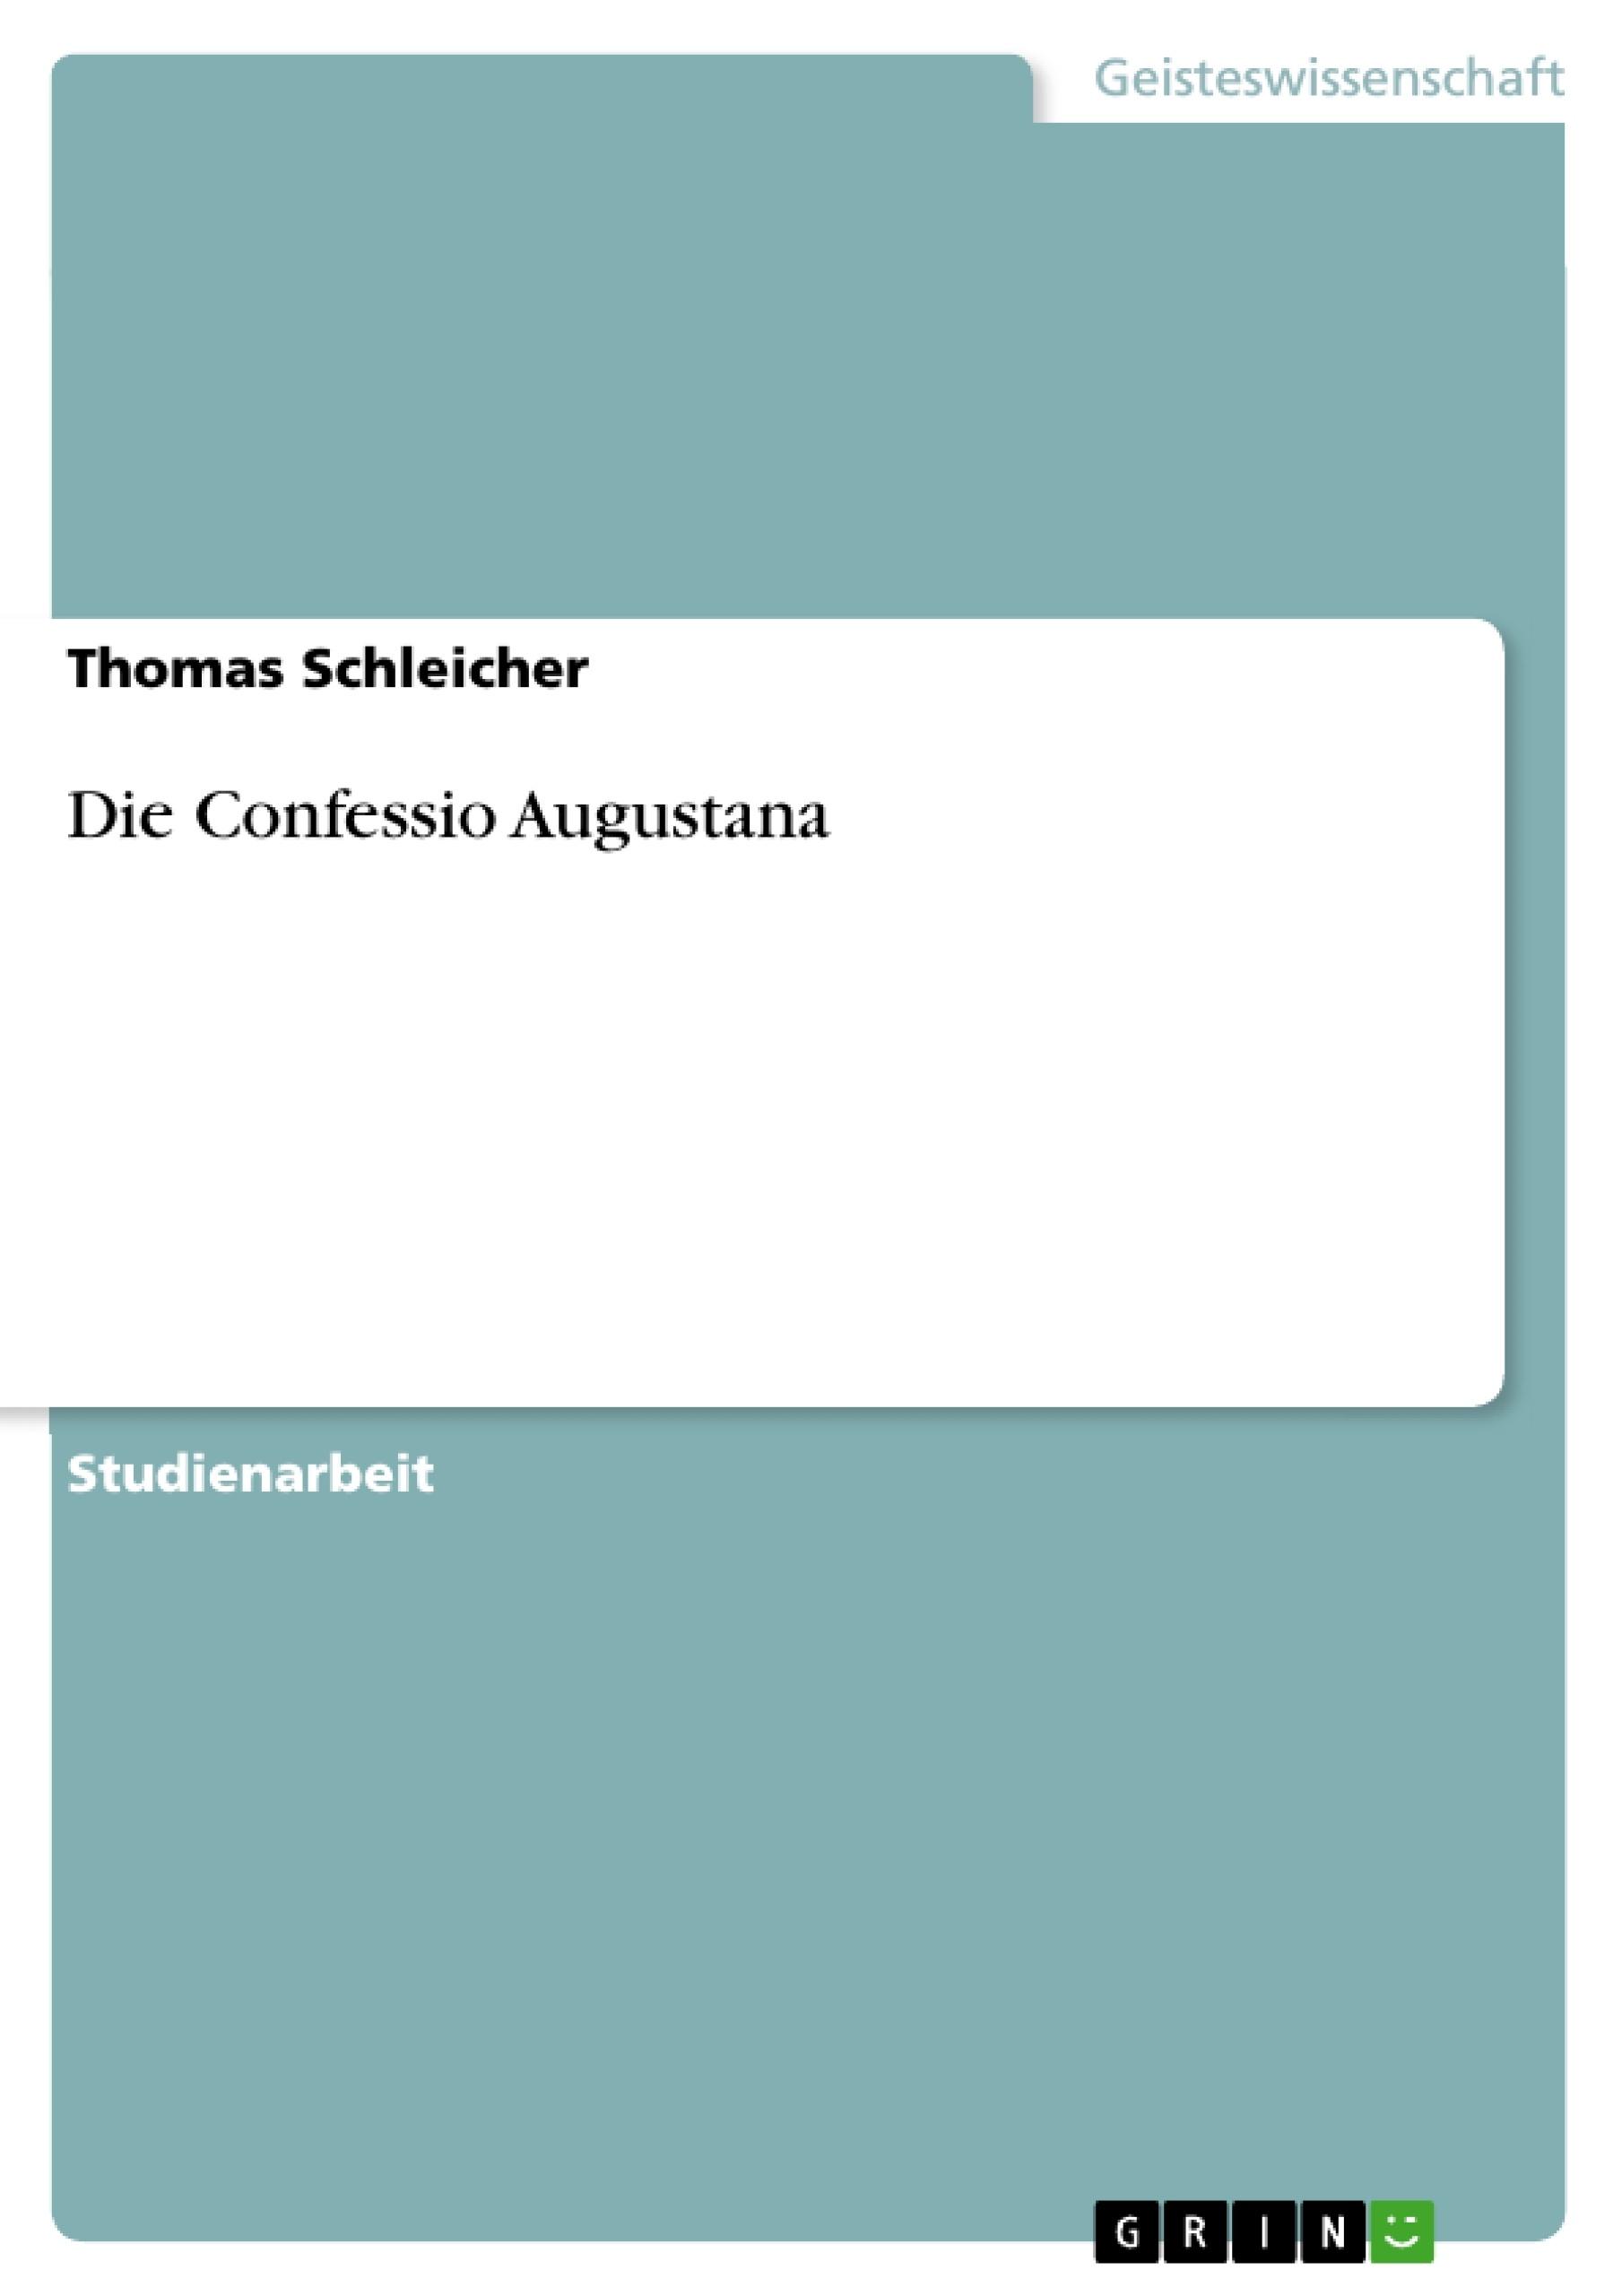 Titel: Die Confessio Augustana